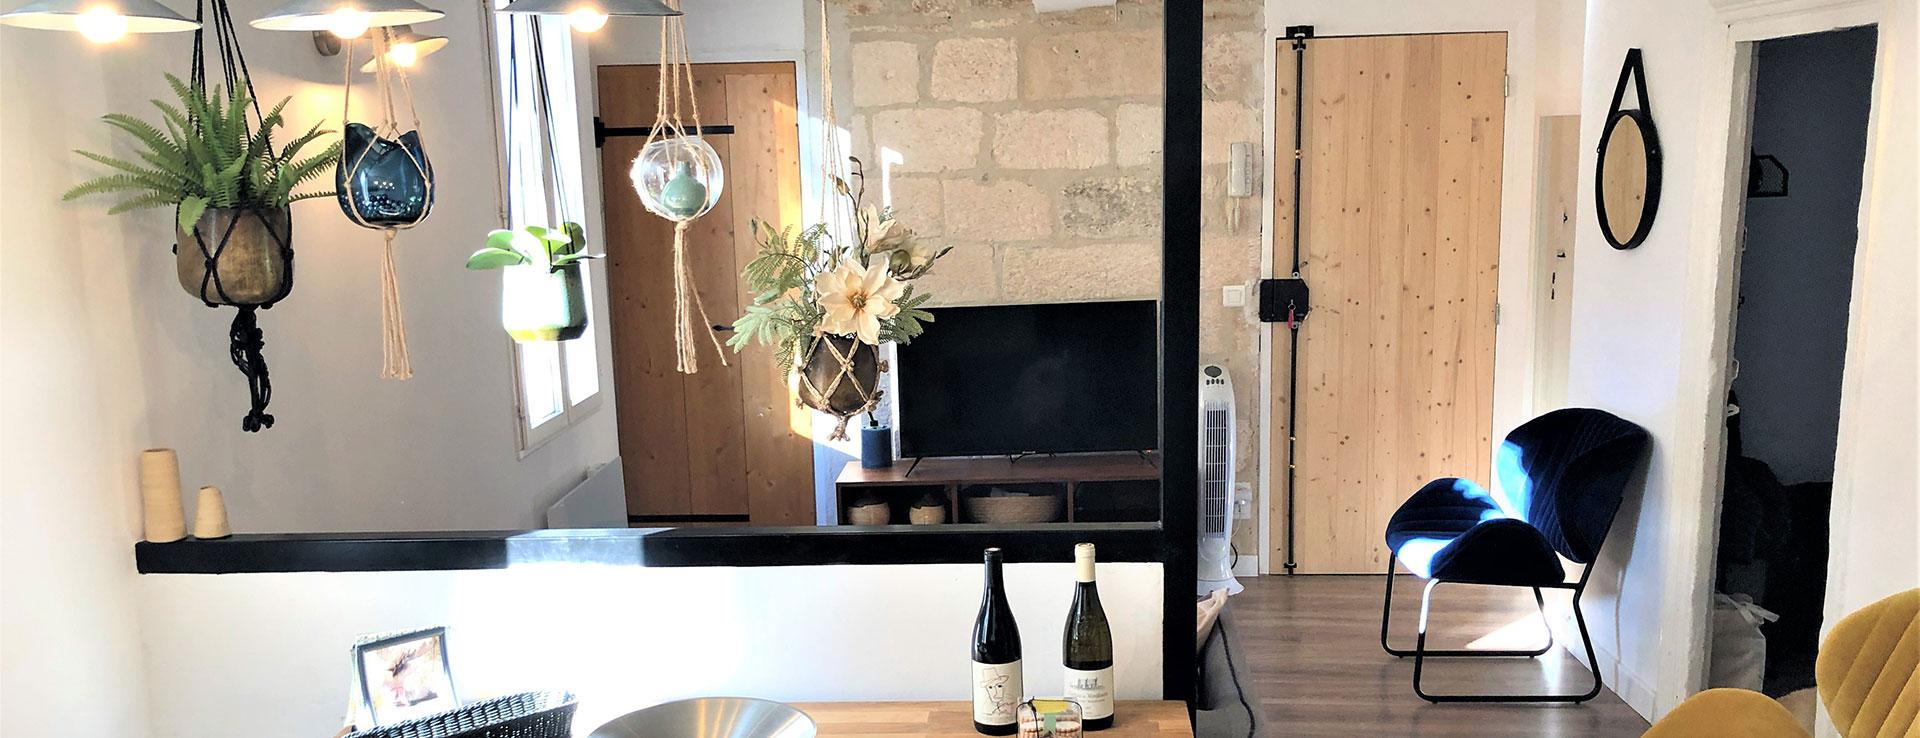 Appartement le moulin d'Avignon 6